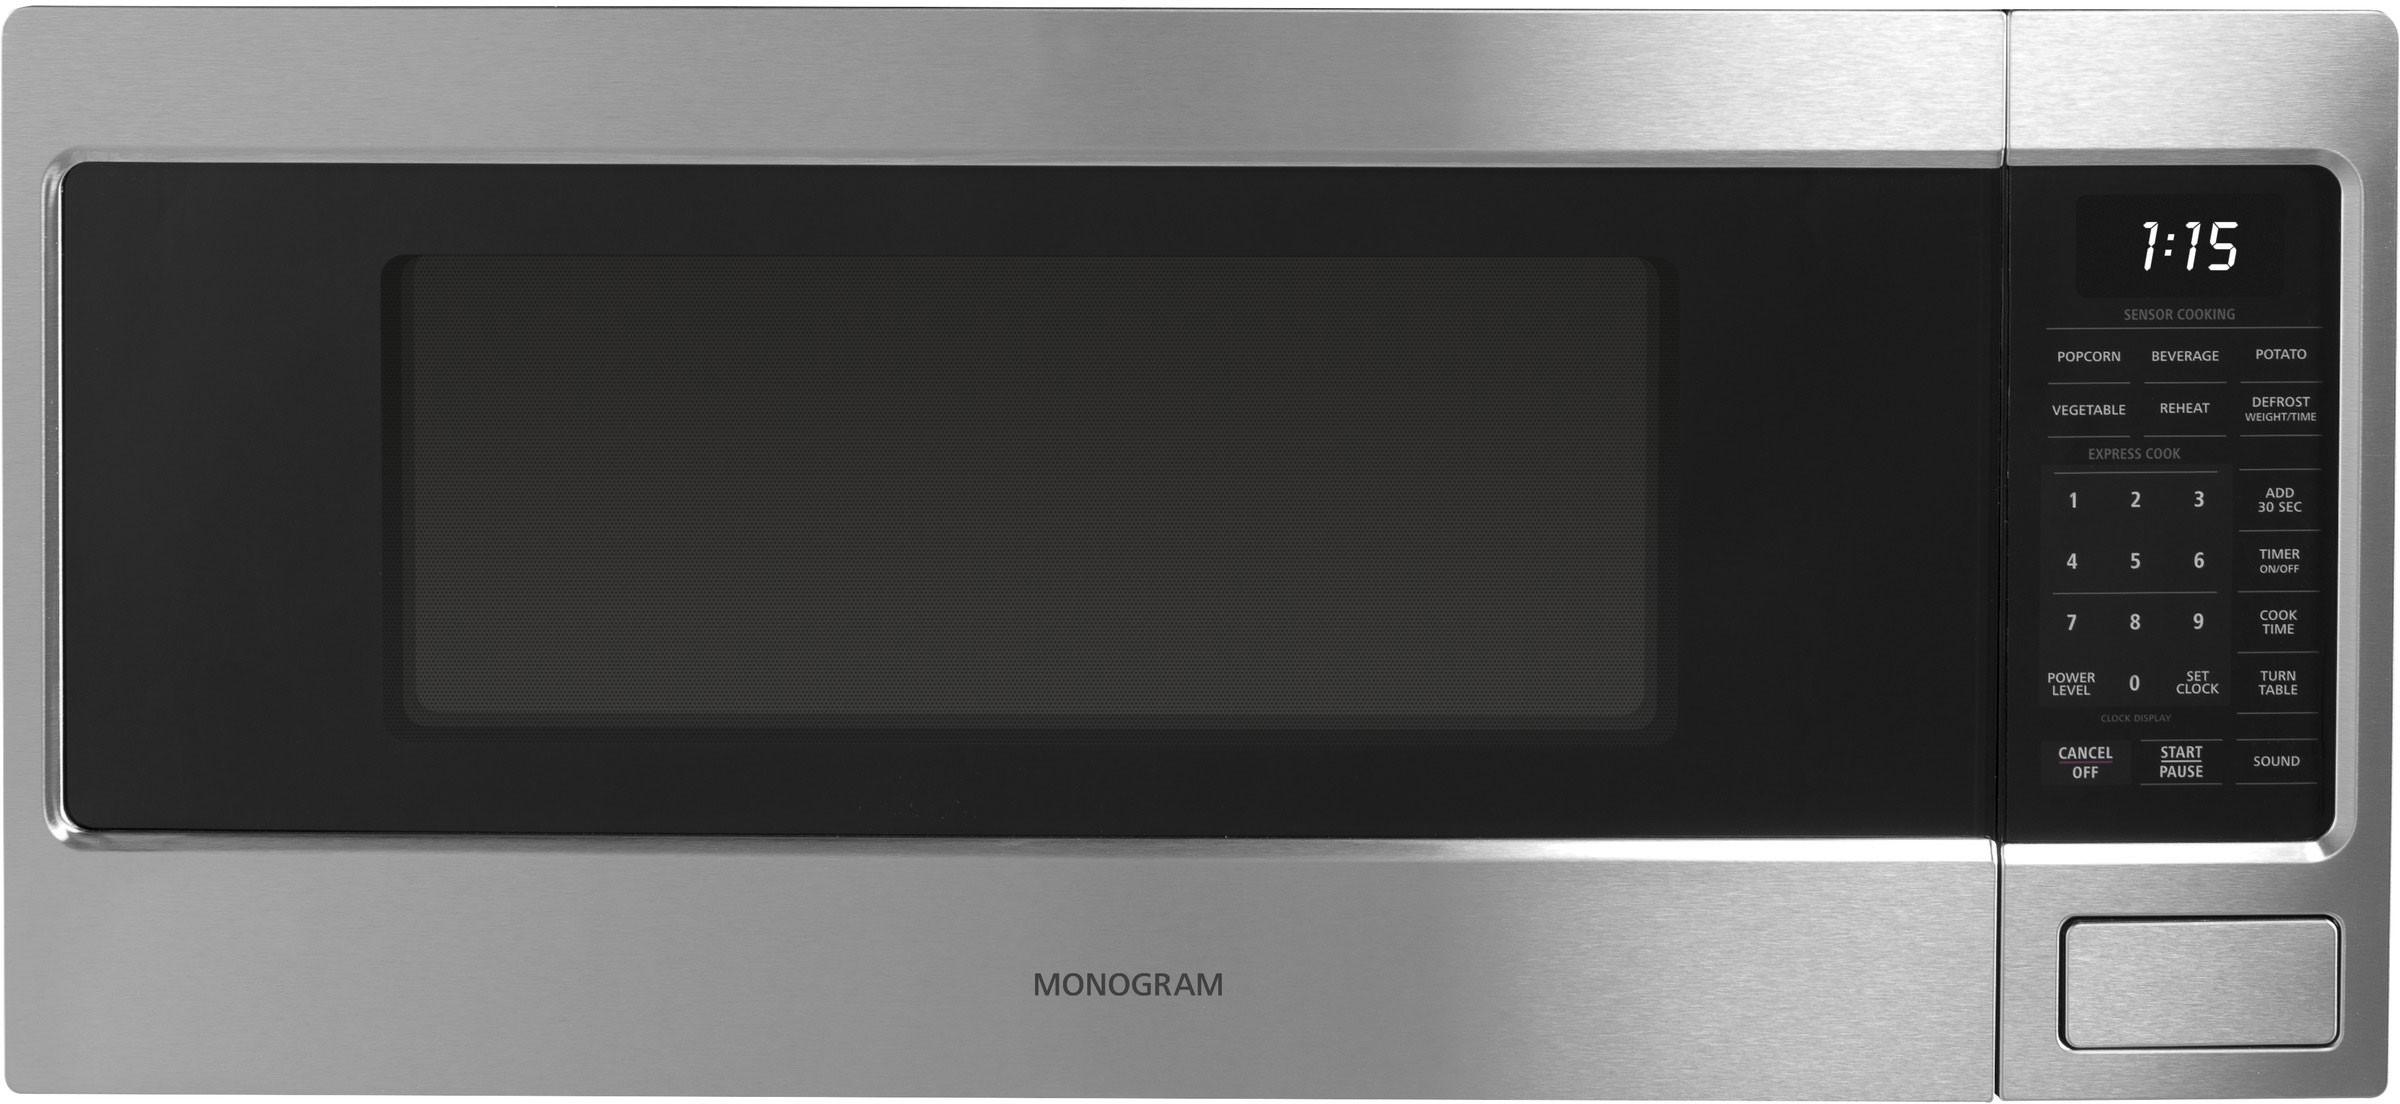 monogram 1 1 cu ft countertop microwave oven